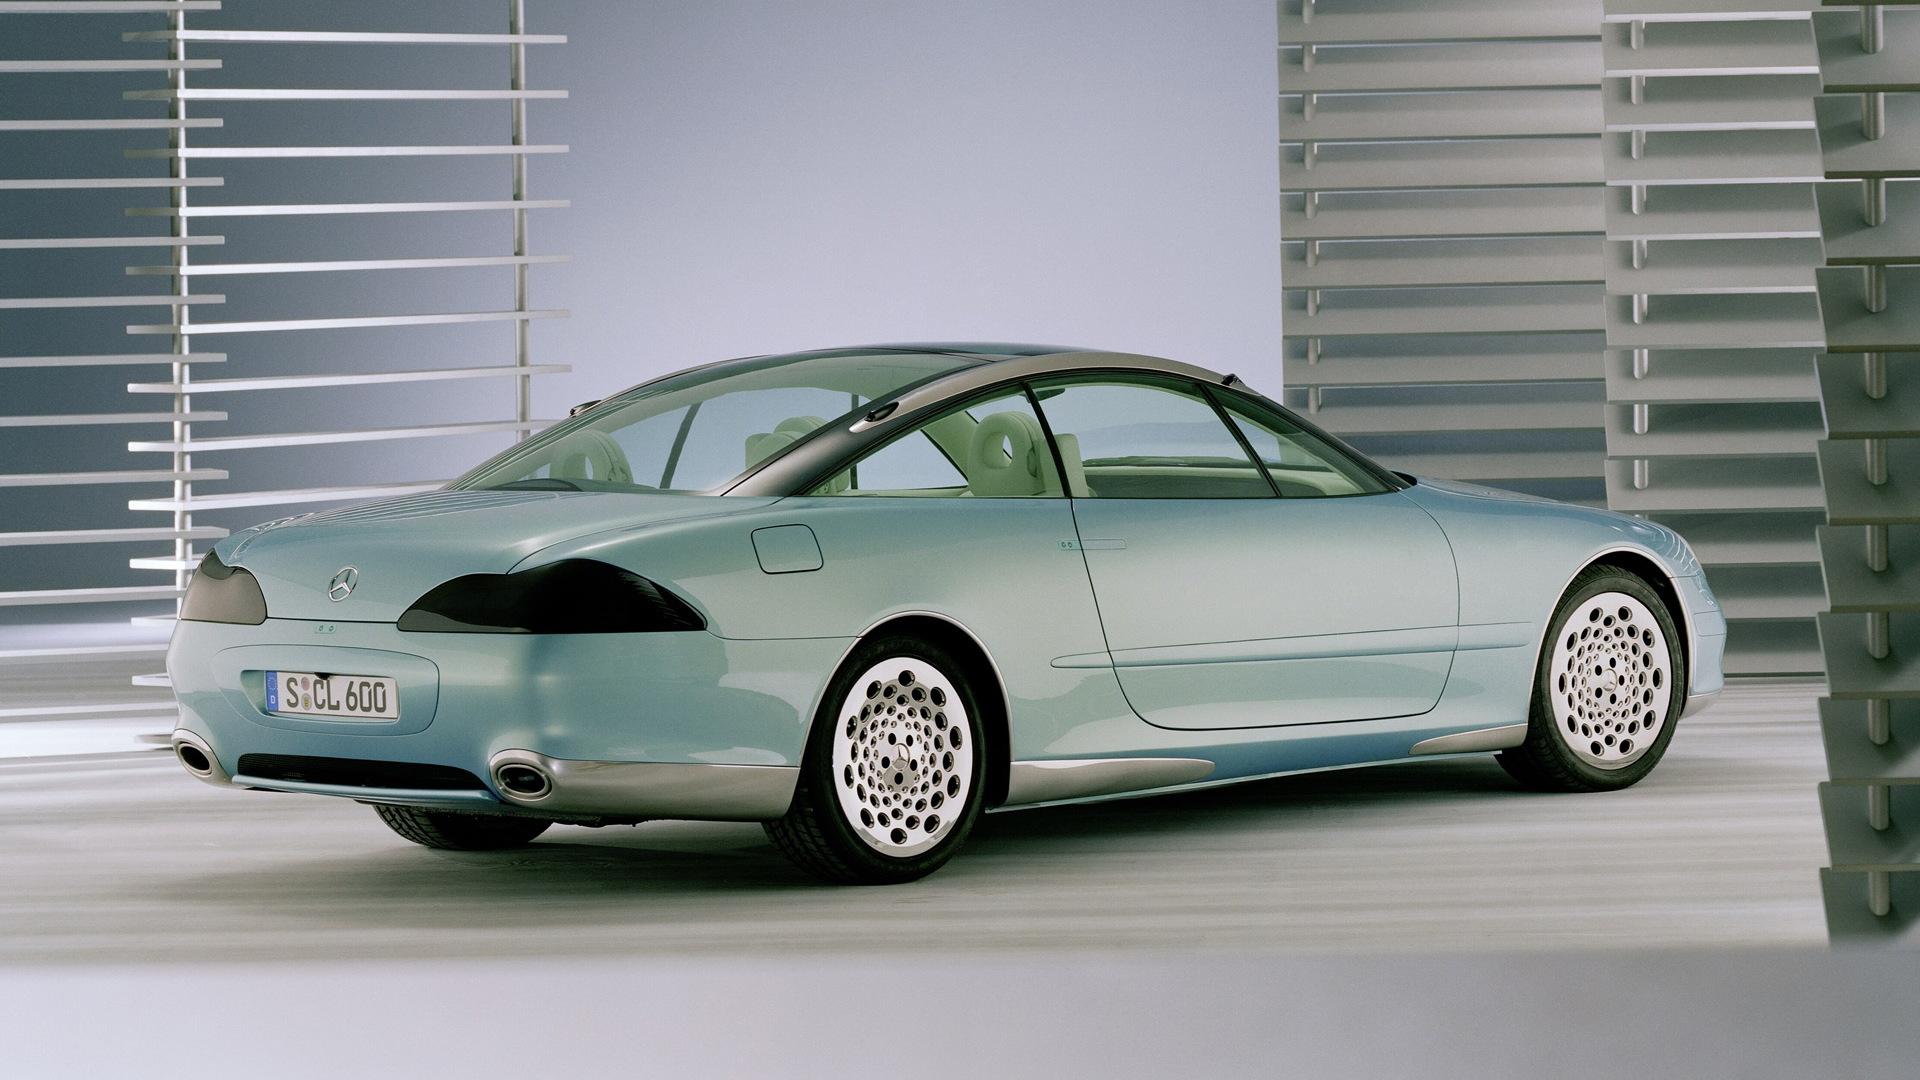 Mercedes-Benz F200 Imagination concept